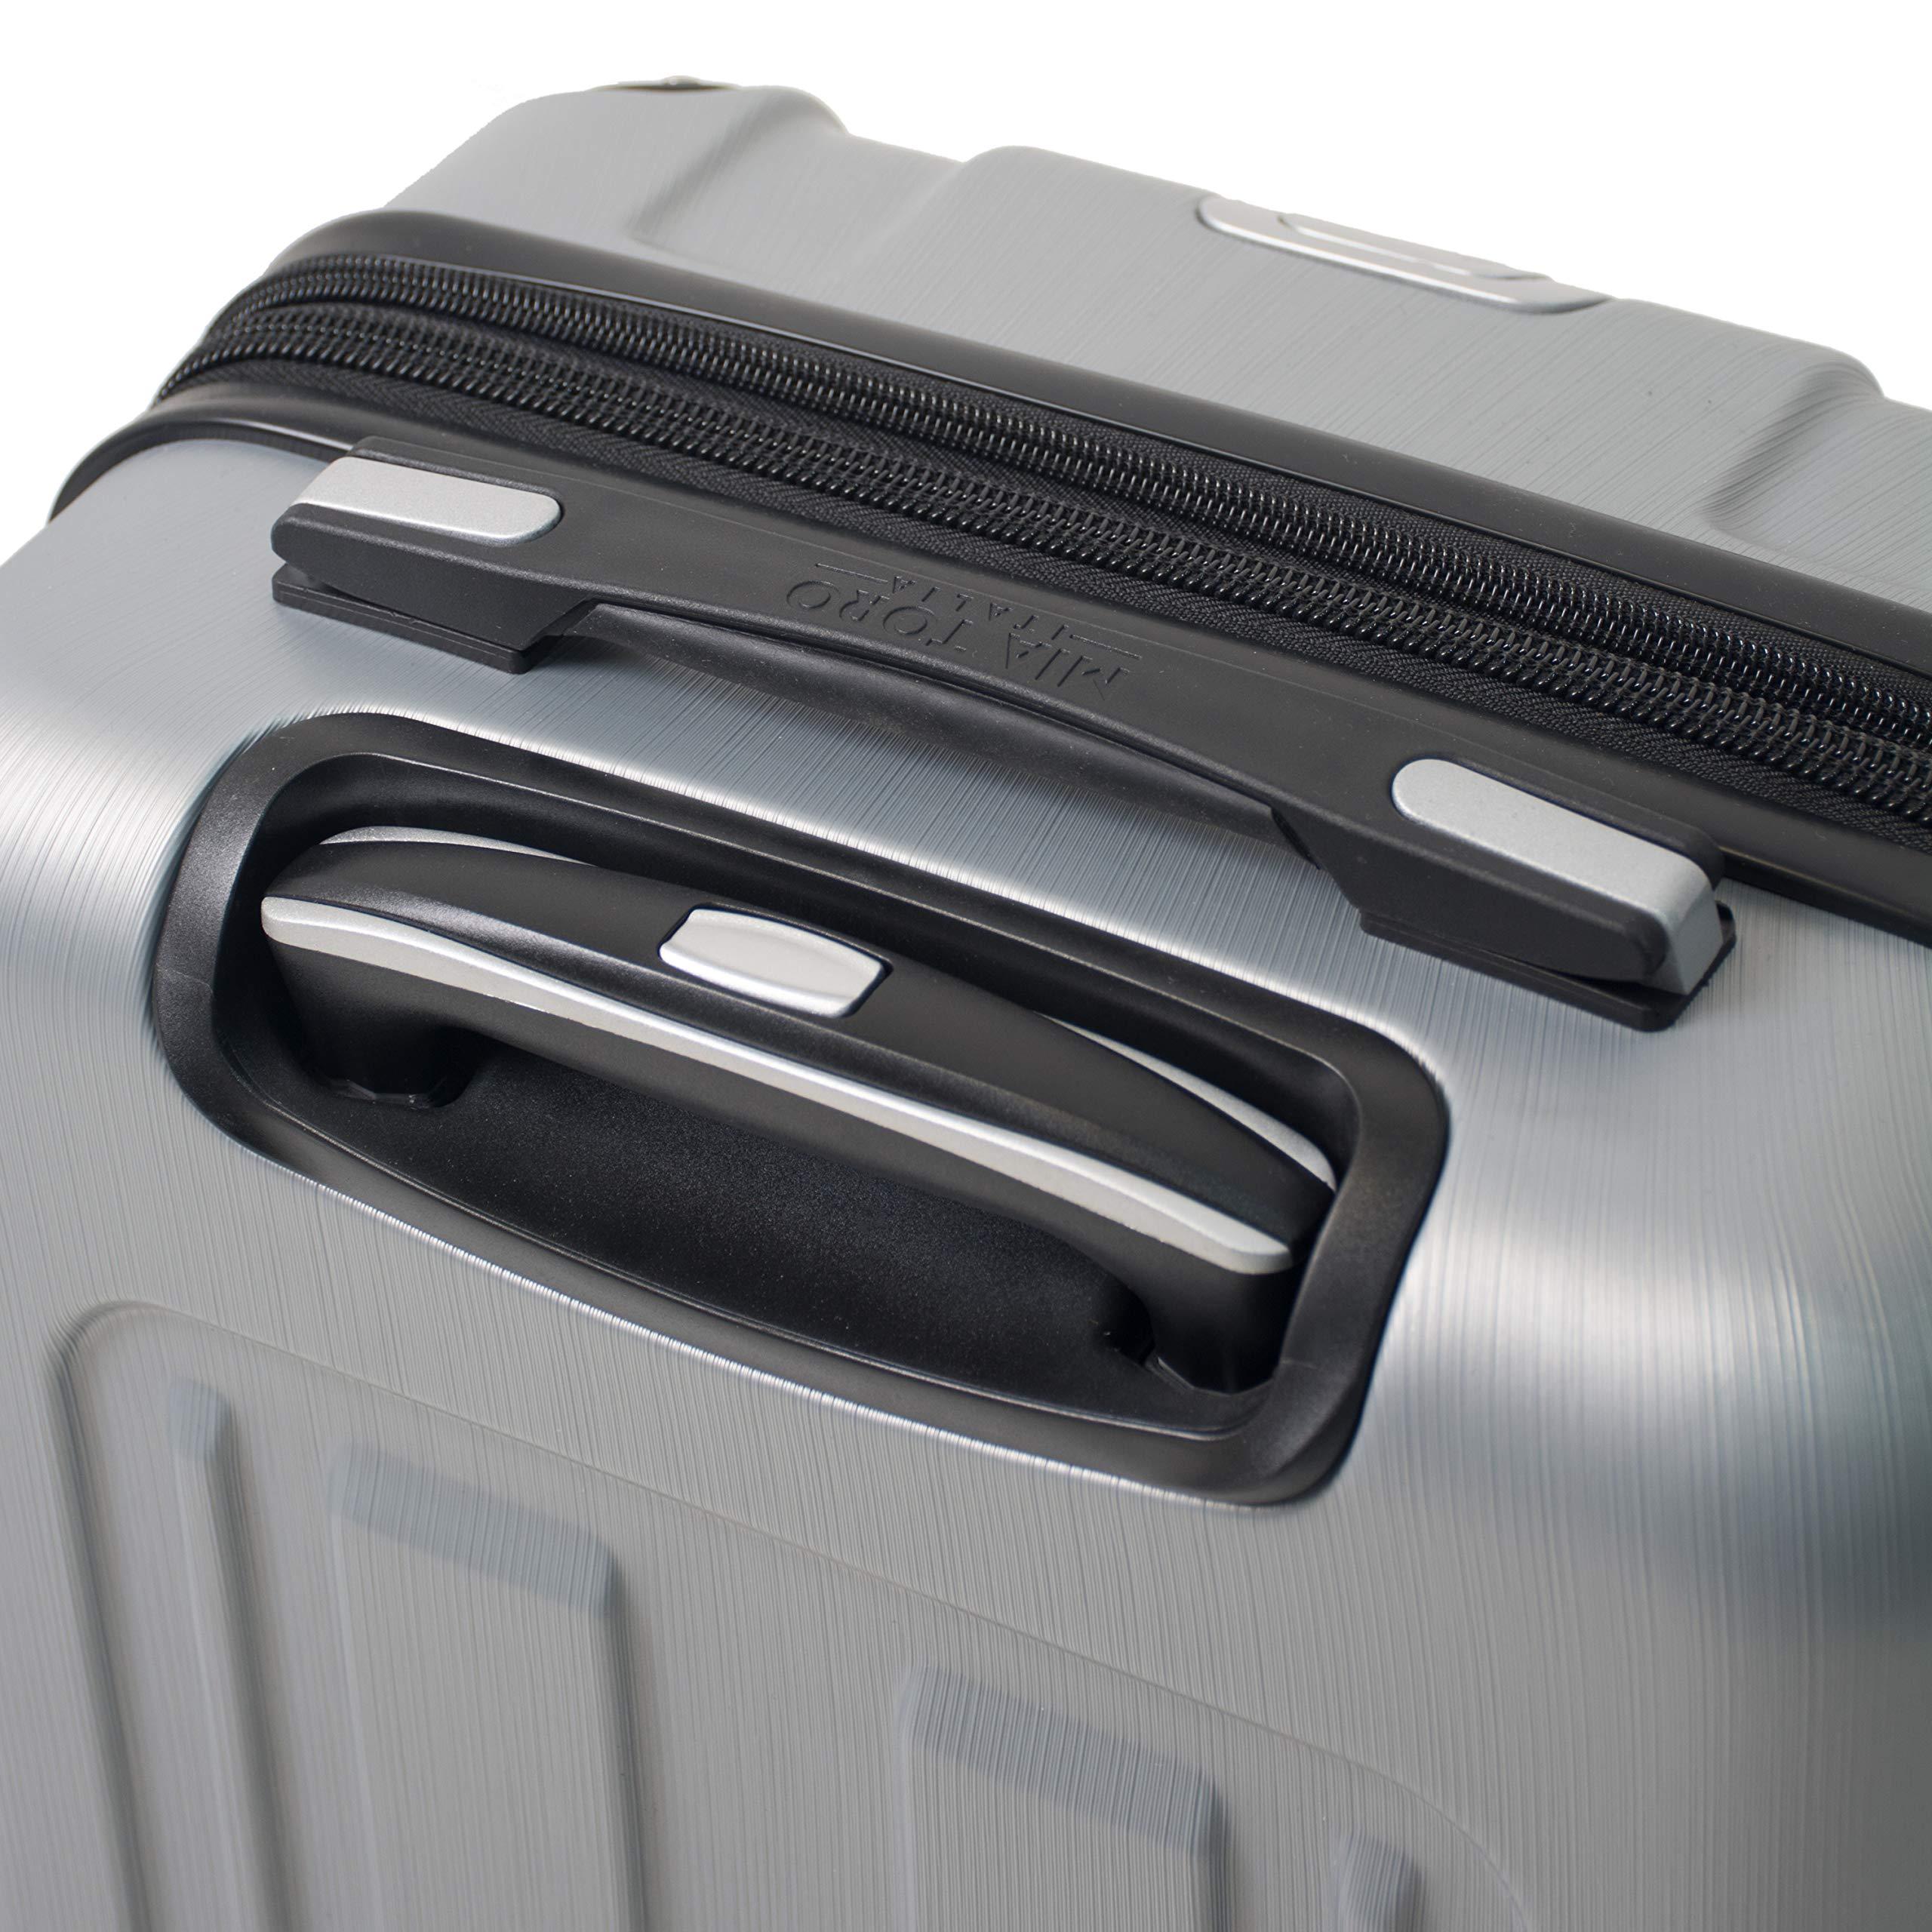 Mia Toro Italy Accera Hardside Spinner Carry-on,Aluminum by Mia Toro (Image #6)